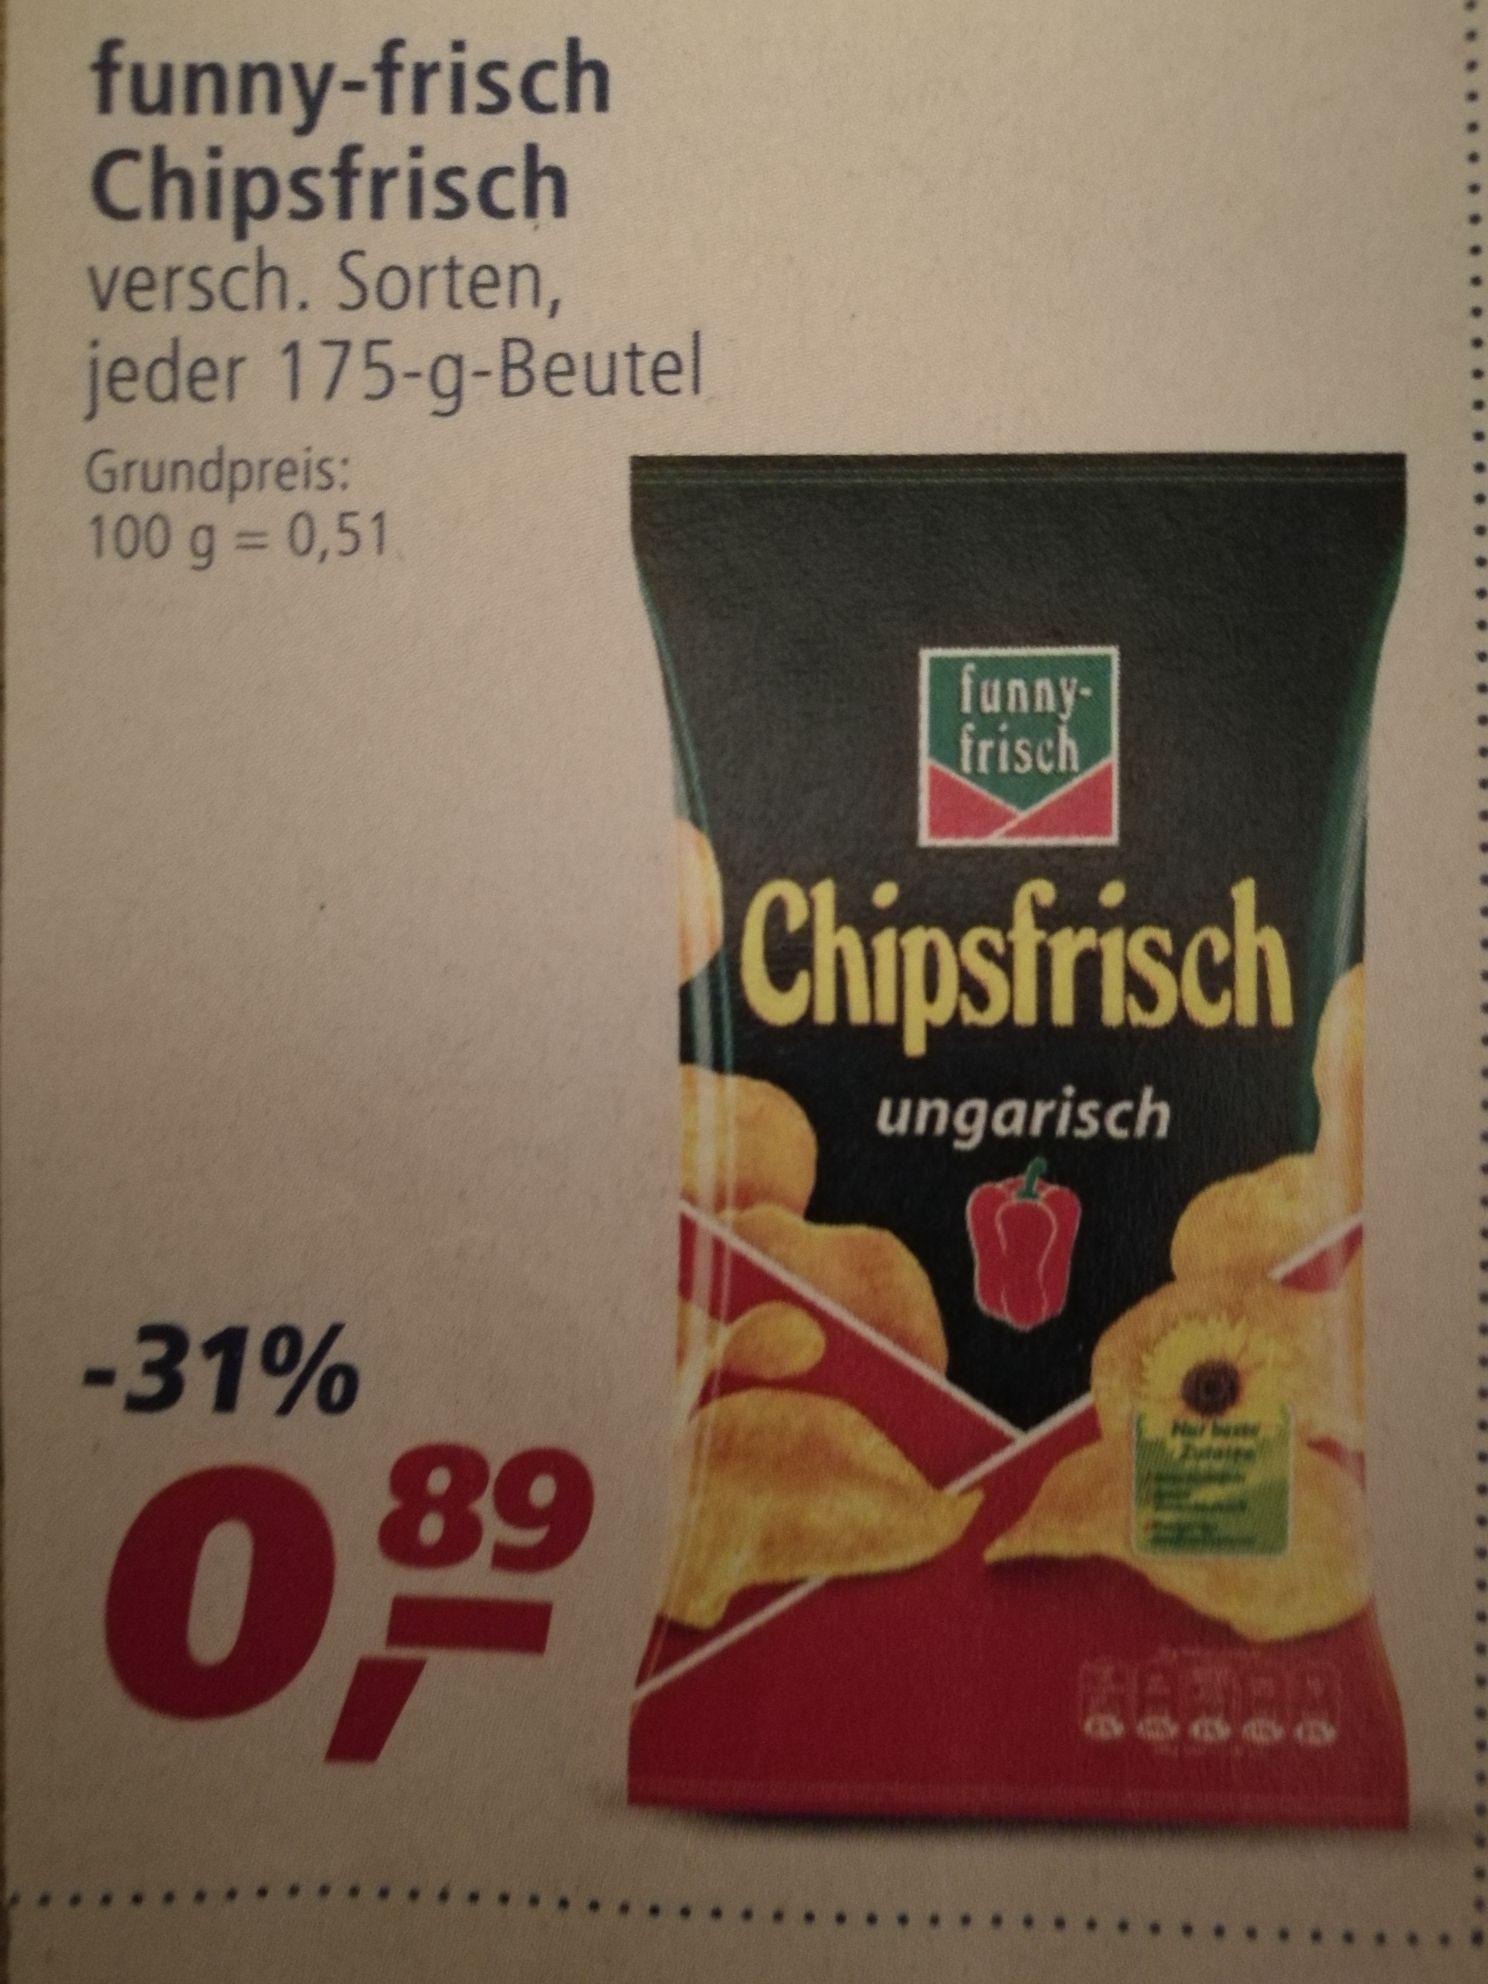 Real funny-frisch Chipsfrisch lokal in Düsseldorf und Neuss